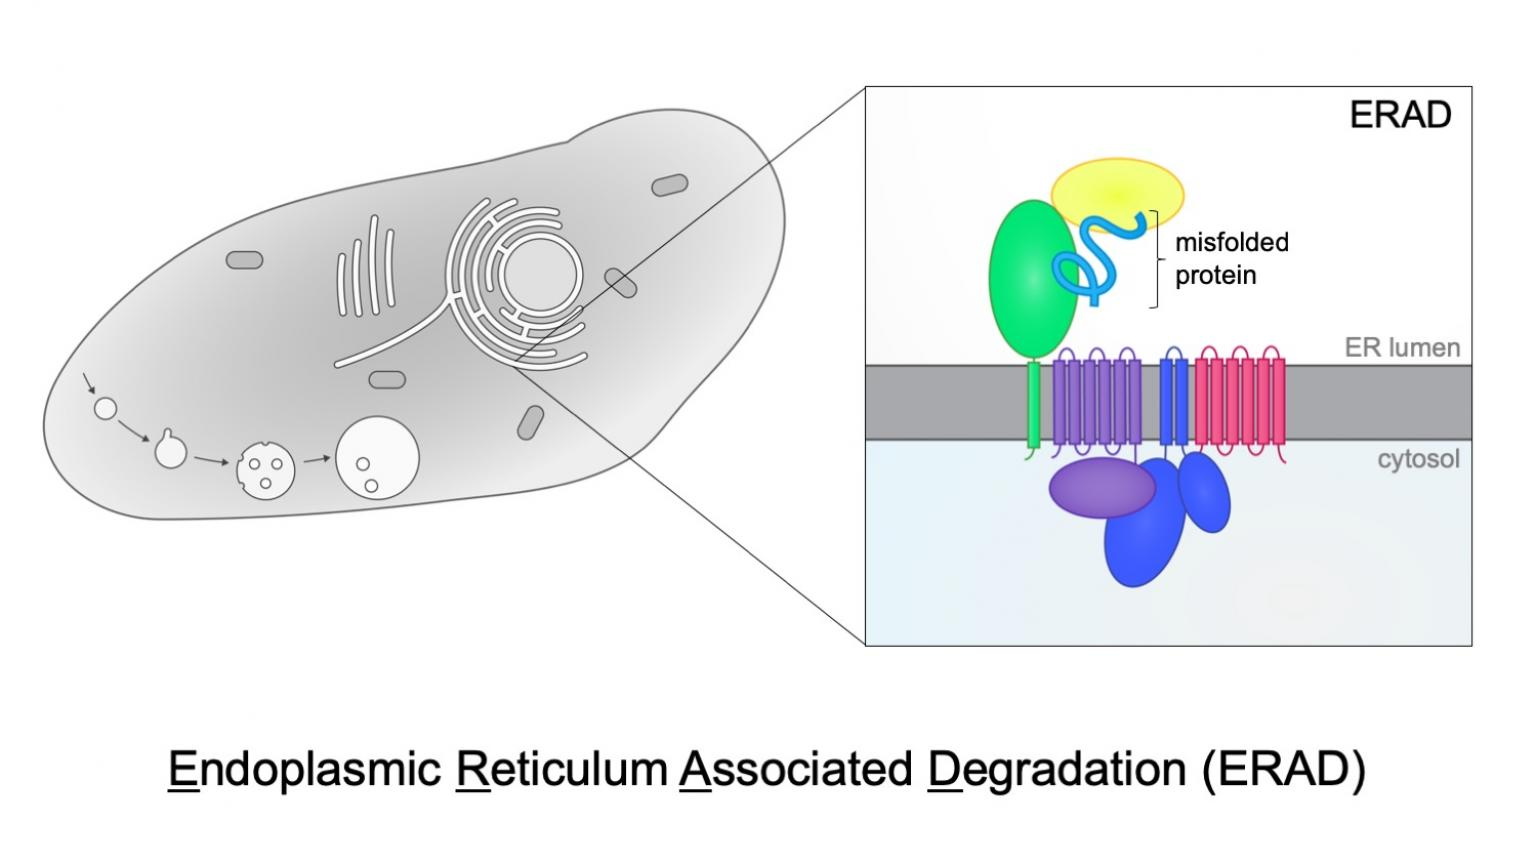 Endoplasmic Reticulum Associated Degradation